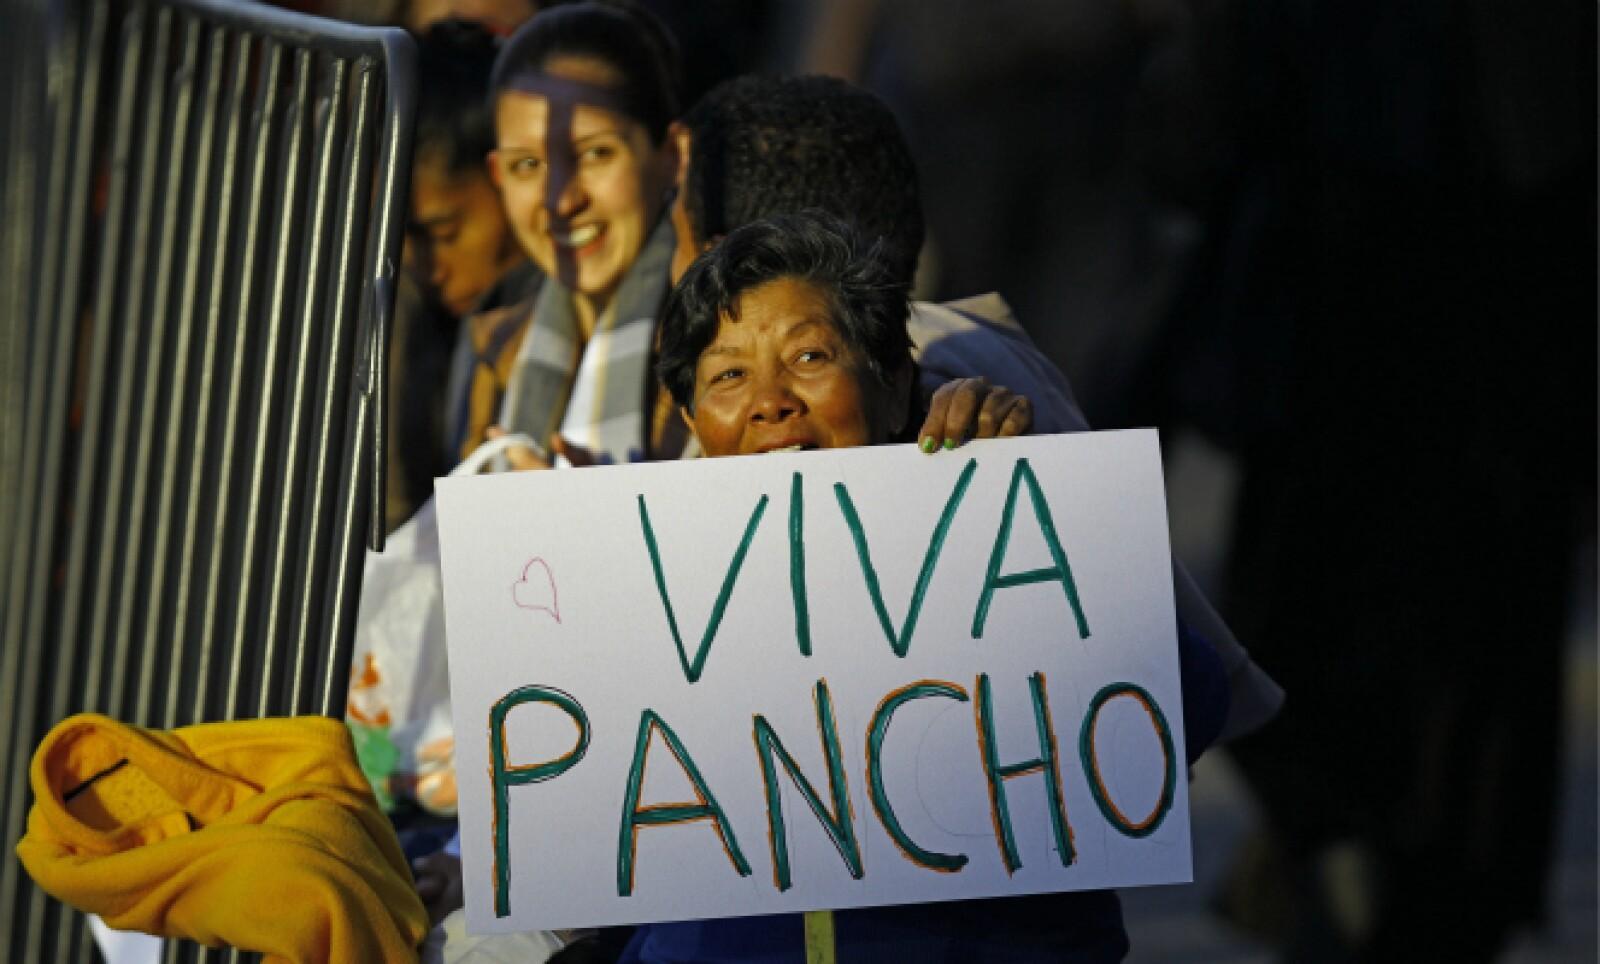 Los fieles se reúnen afuera del aeropuerto para dar la bienvenida al primer papa latinoamericano en visitar México.